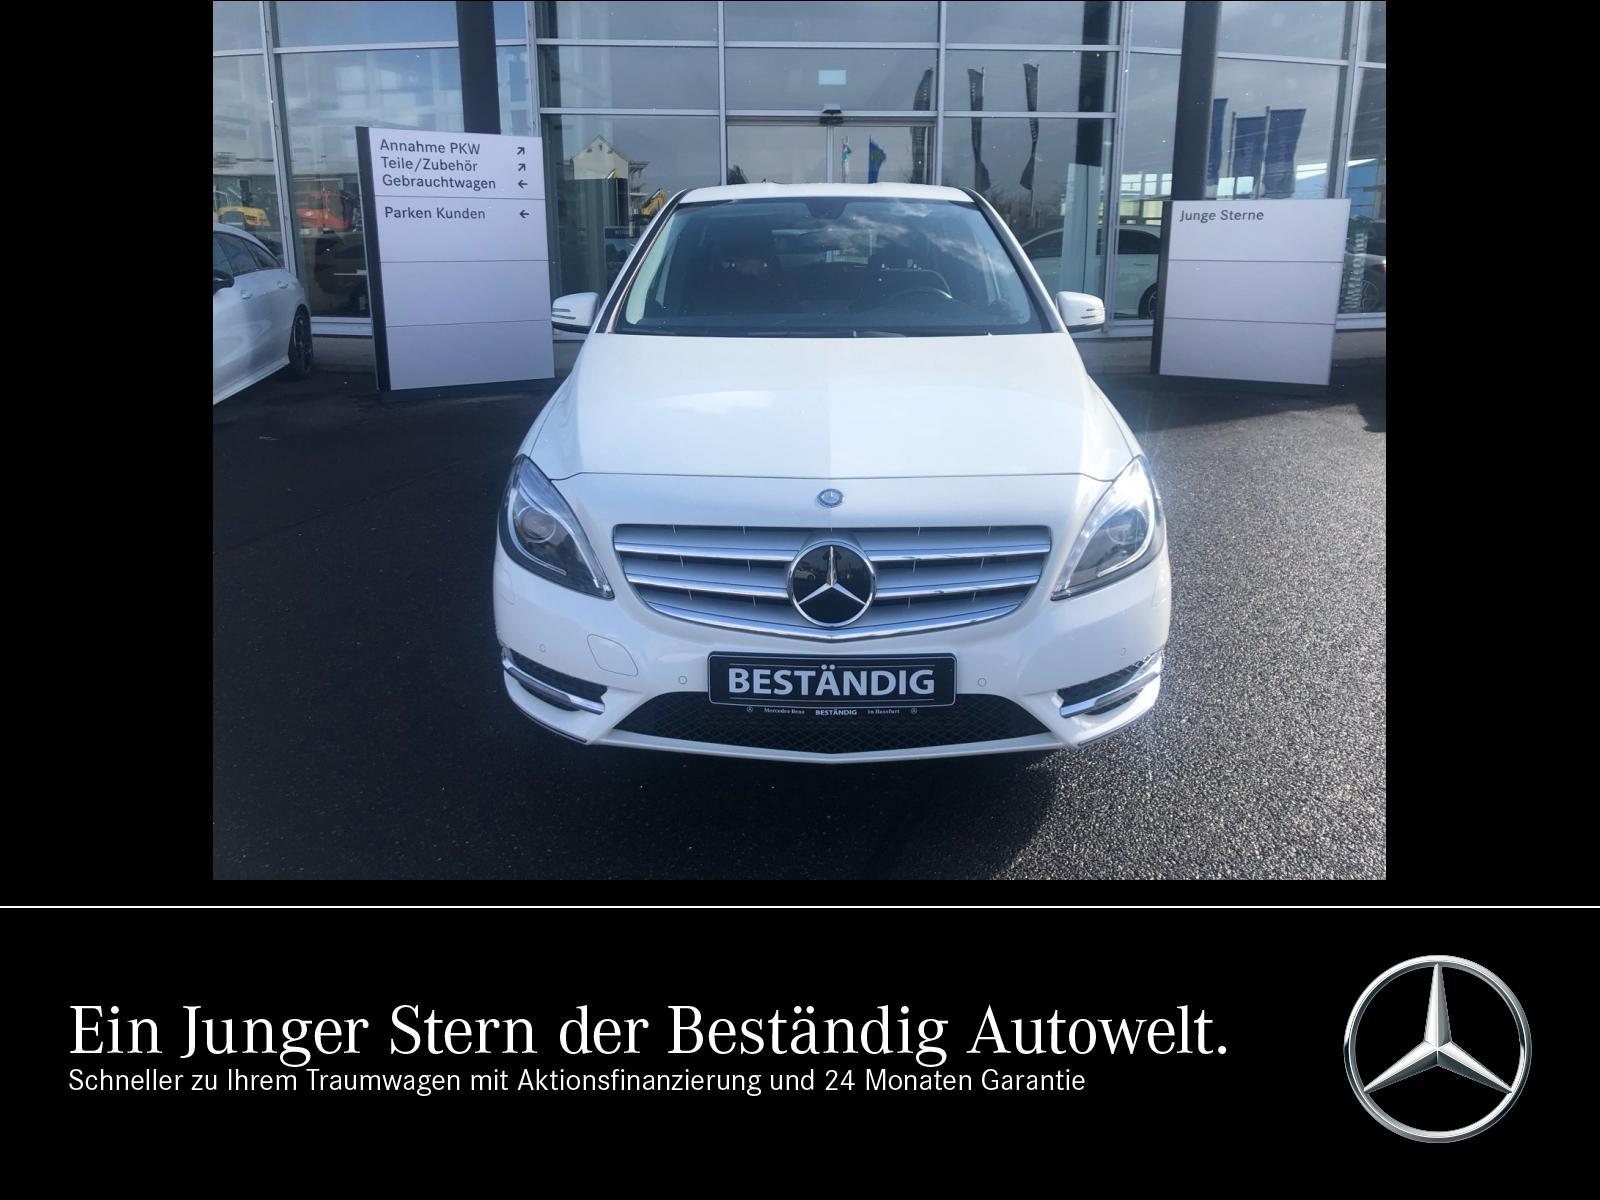 Mercedes-Benz B 180 CDI DPF XENON+NAVI+SHZ+MEMORY+AHK Autom., Jahr 2014, Diesel